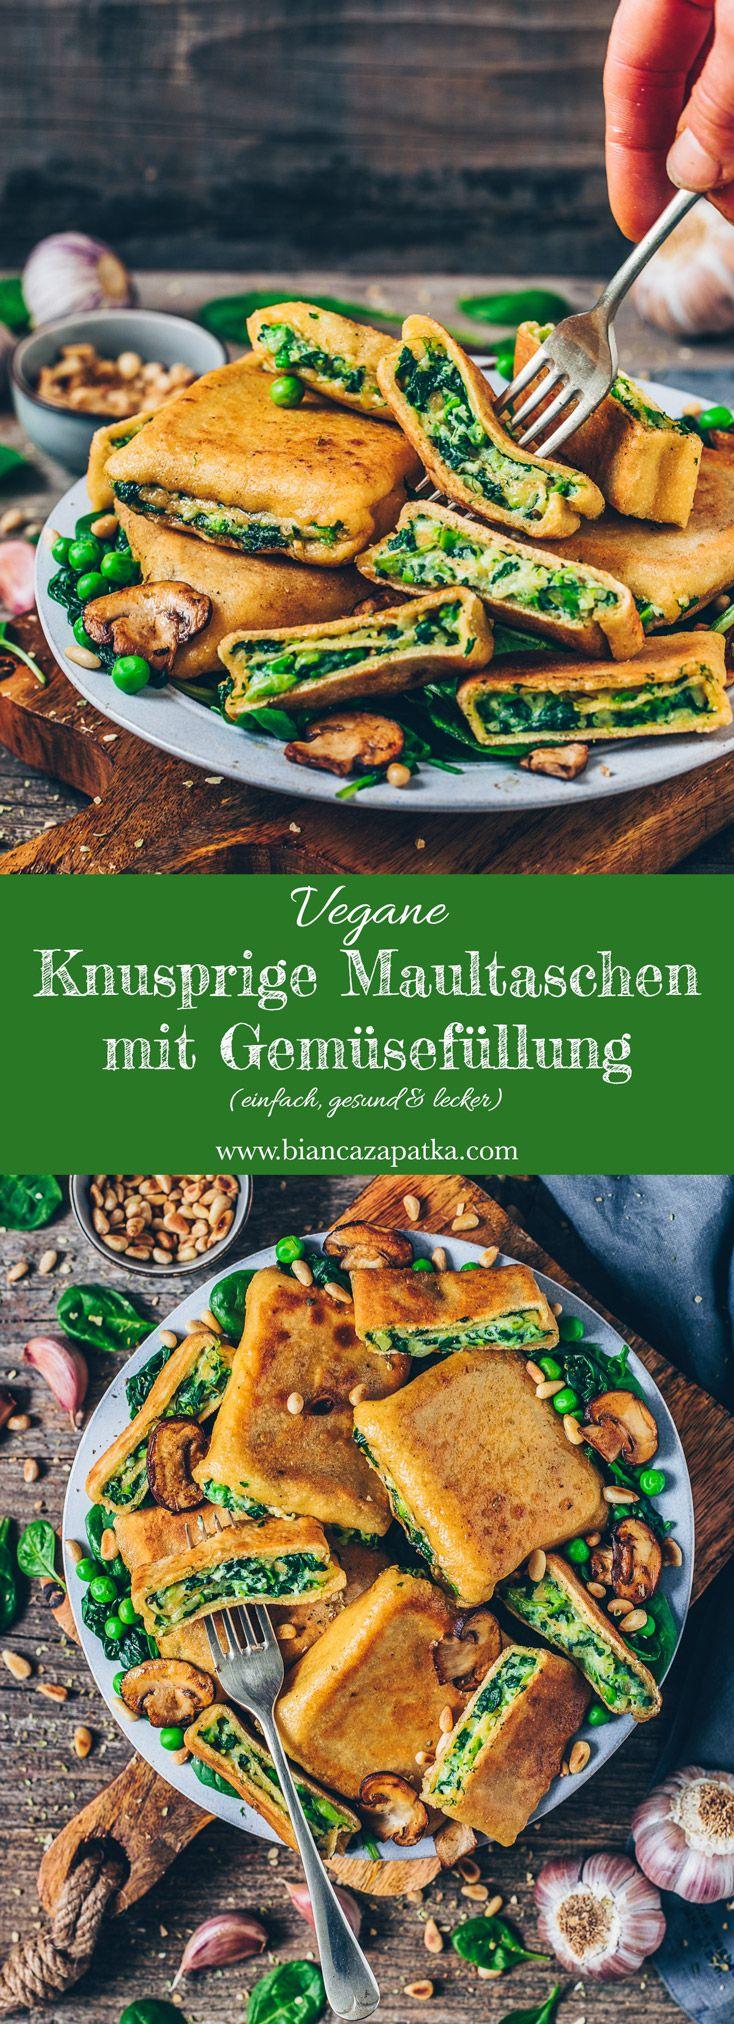 Vegane Maultaschen mit Gemüsefüllung (Ravioli) - Bianca Zapatka | Rezepte